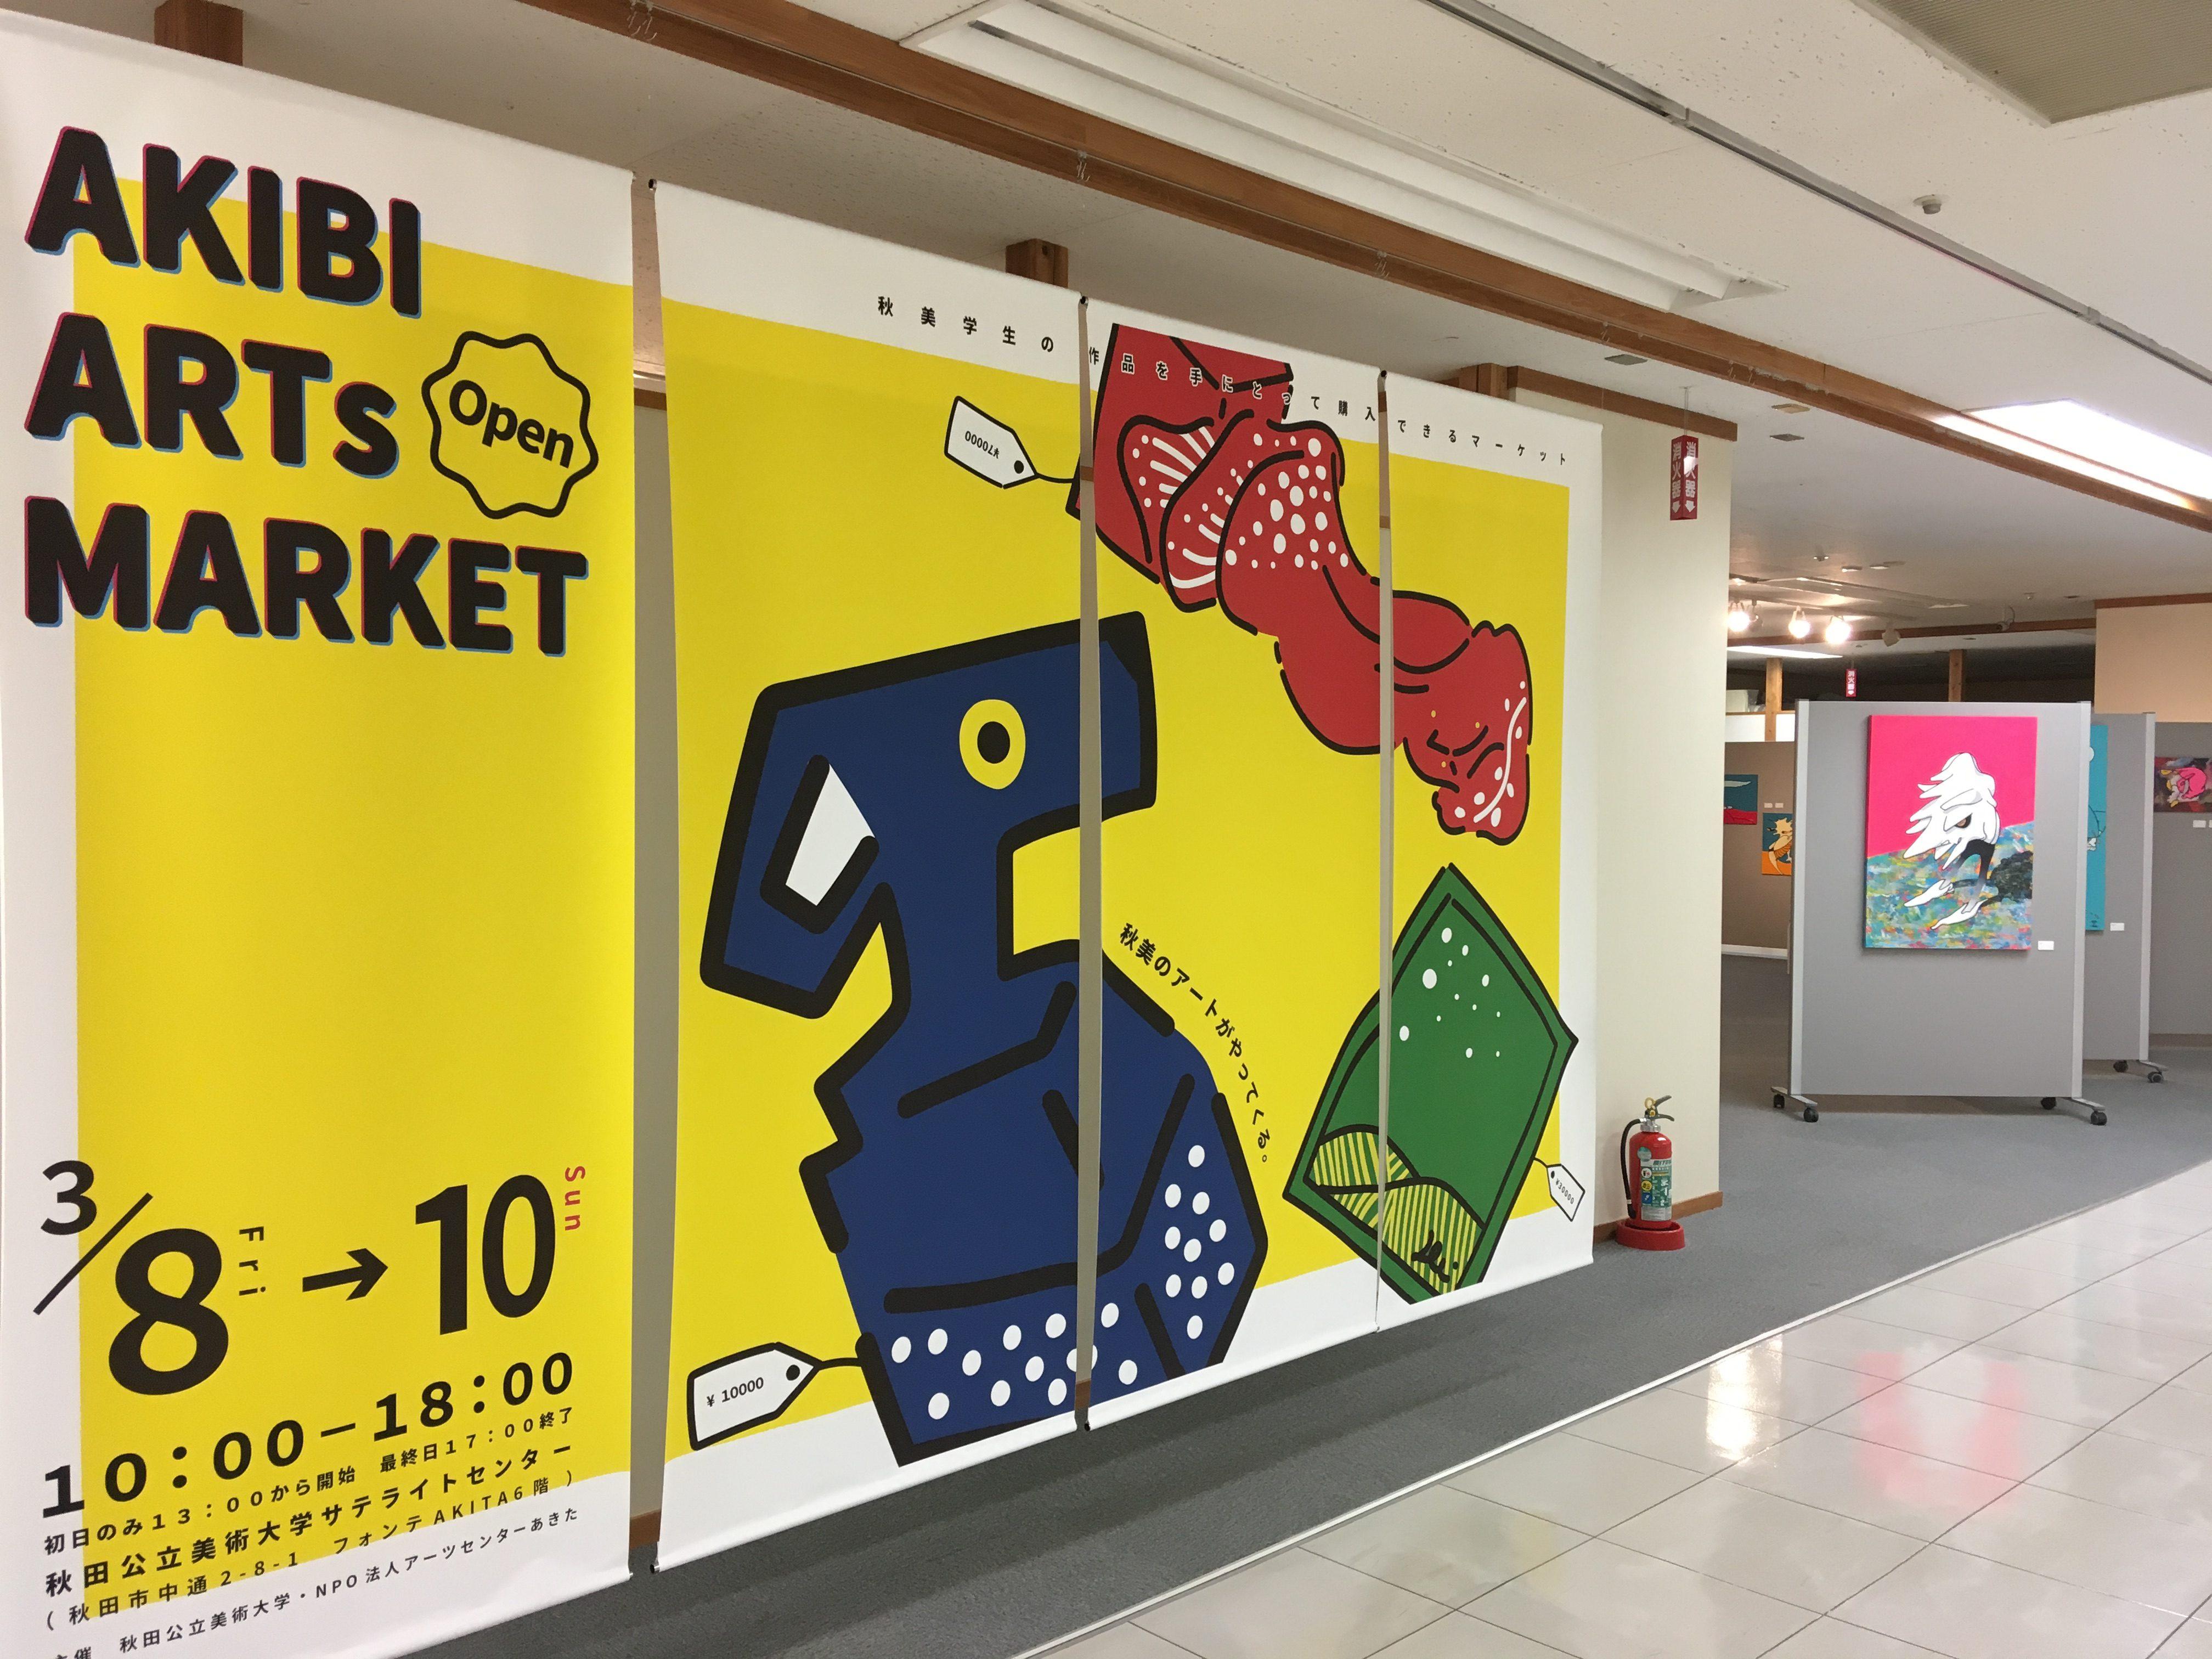 美大サテライトセンター 「AKIBI ARTs MARKET 2020」